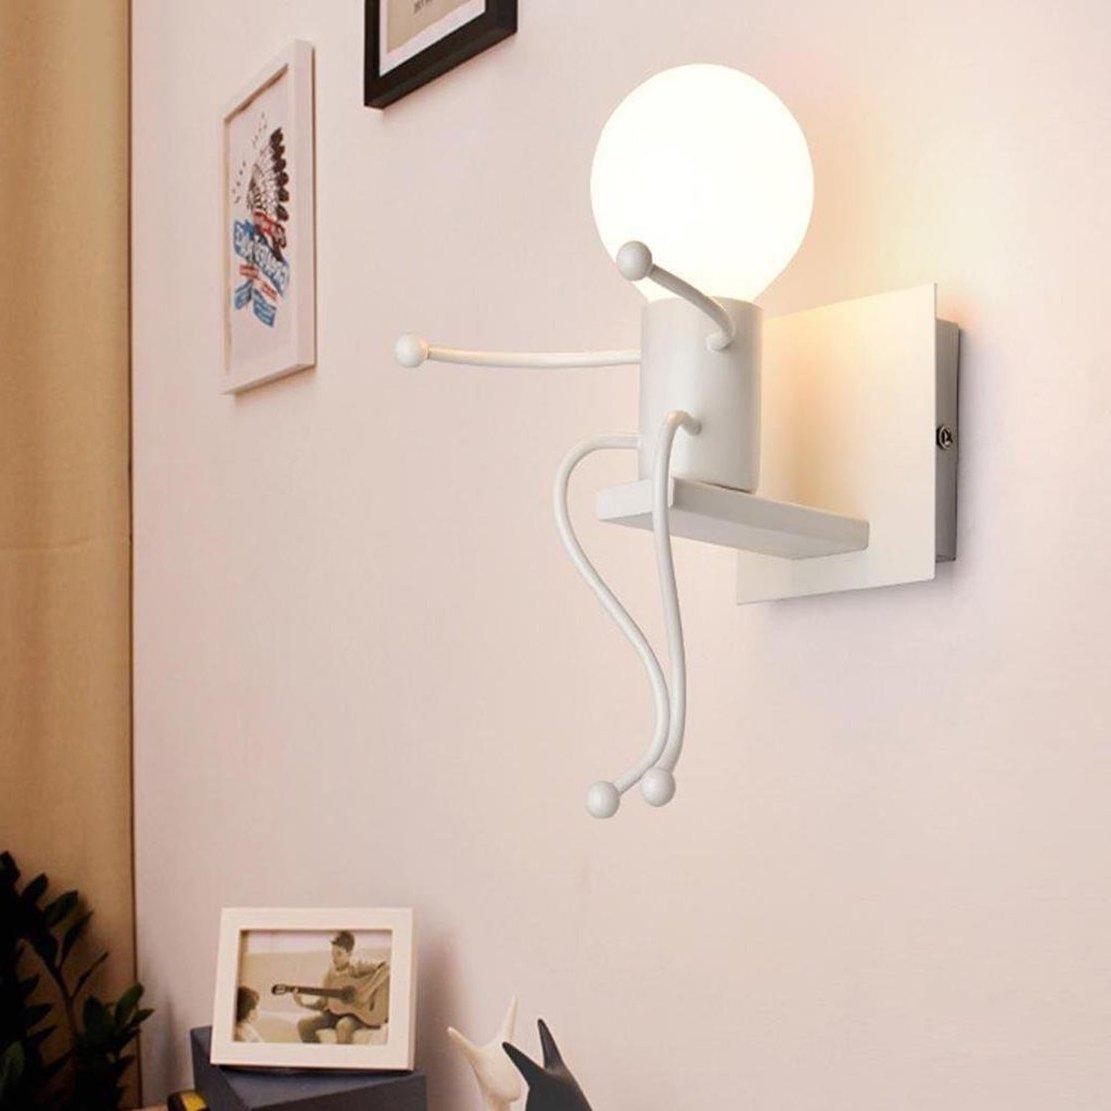 Креативная задумка исполнения настенного светильника